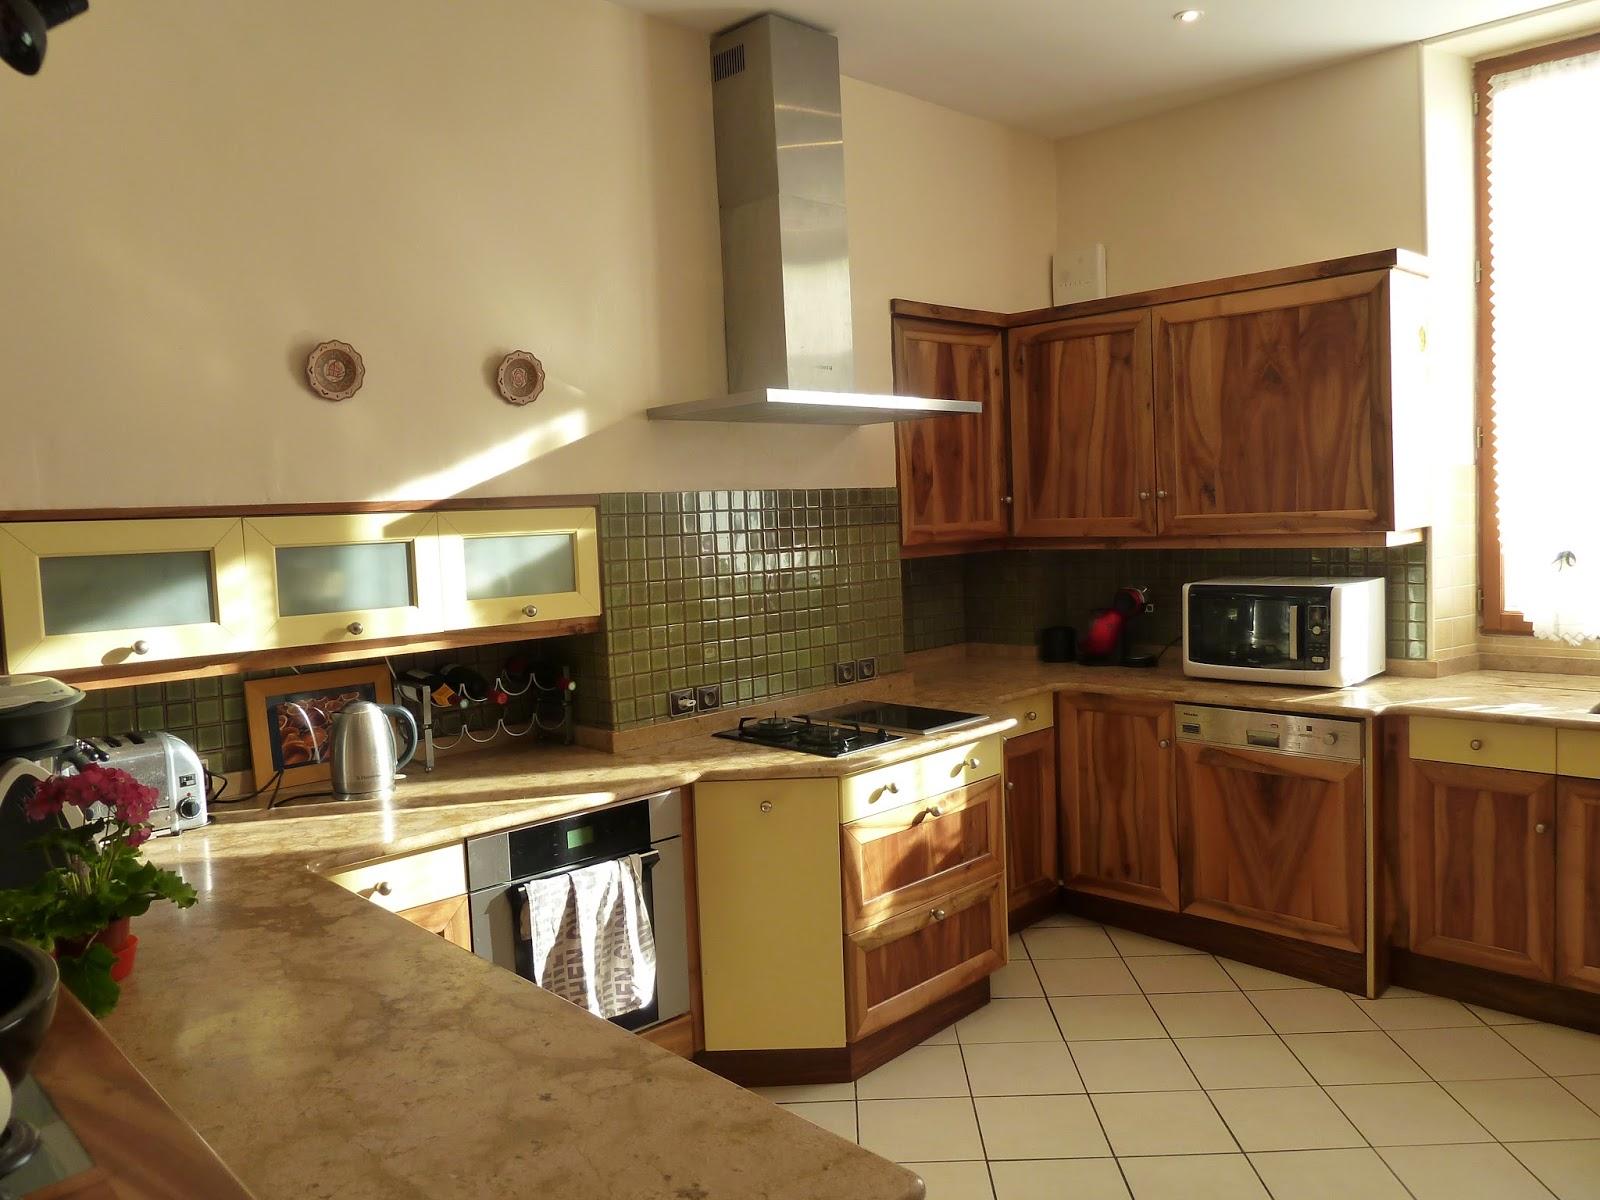 plan de maison avec sous sol enterr. Black Bedroom Furniture Sets. Home Design Ideas